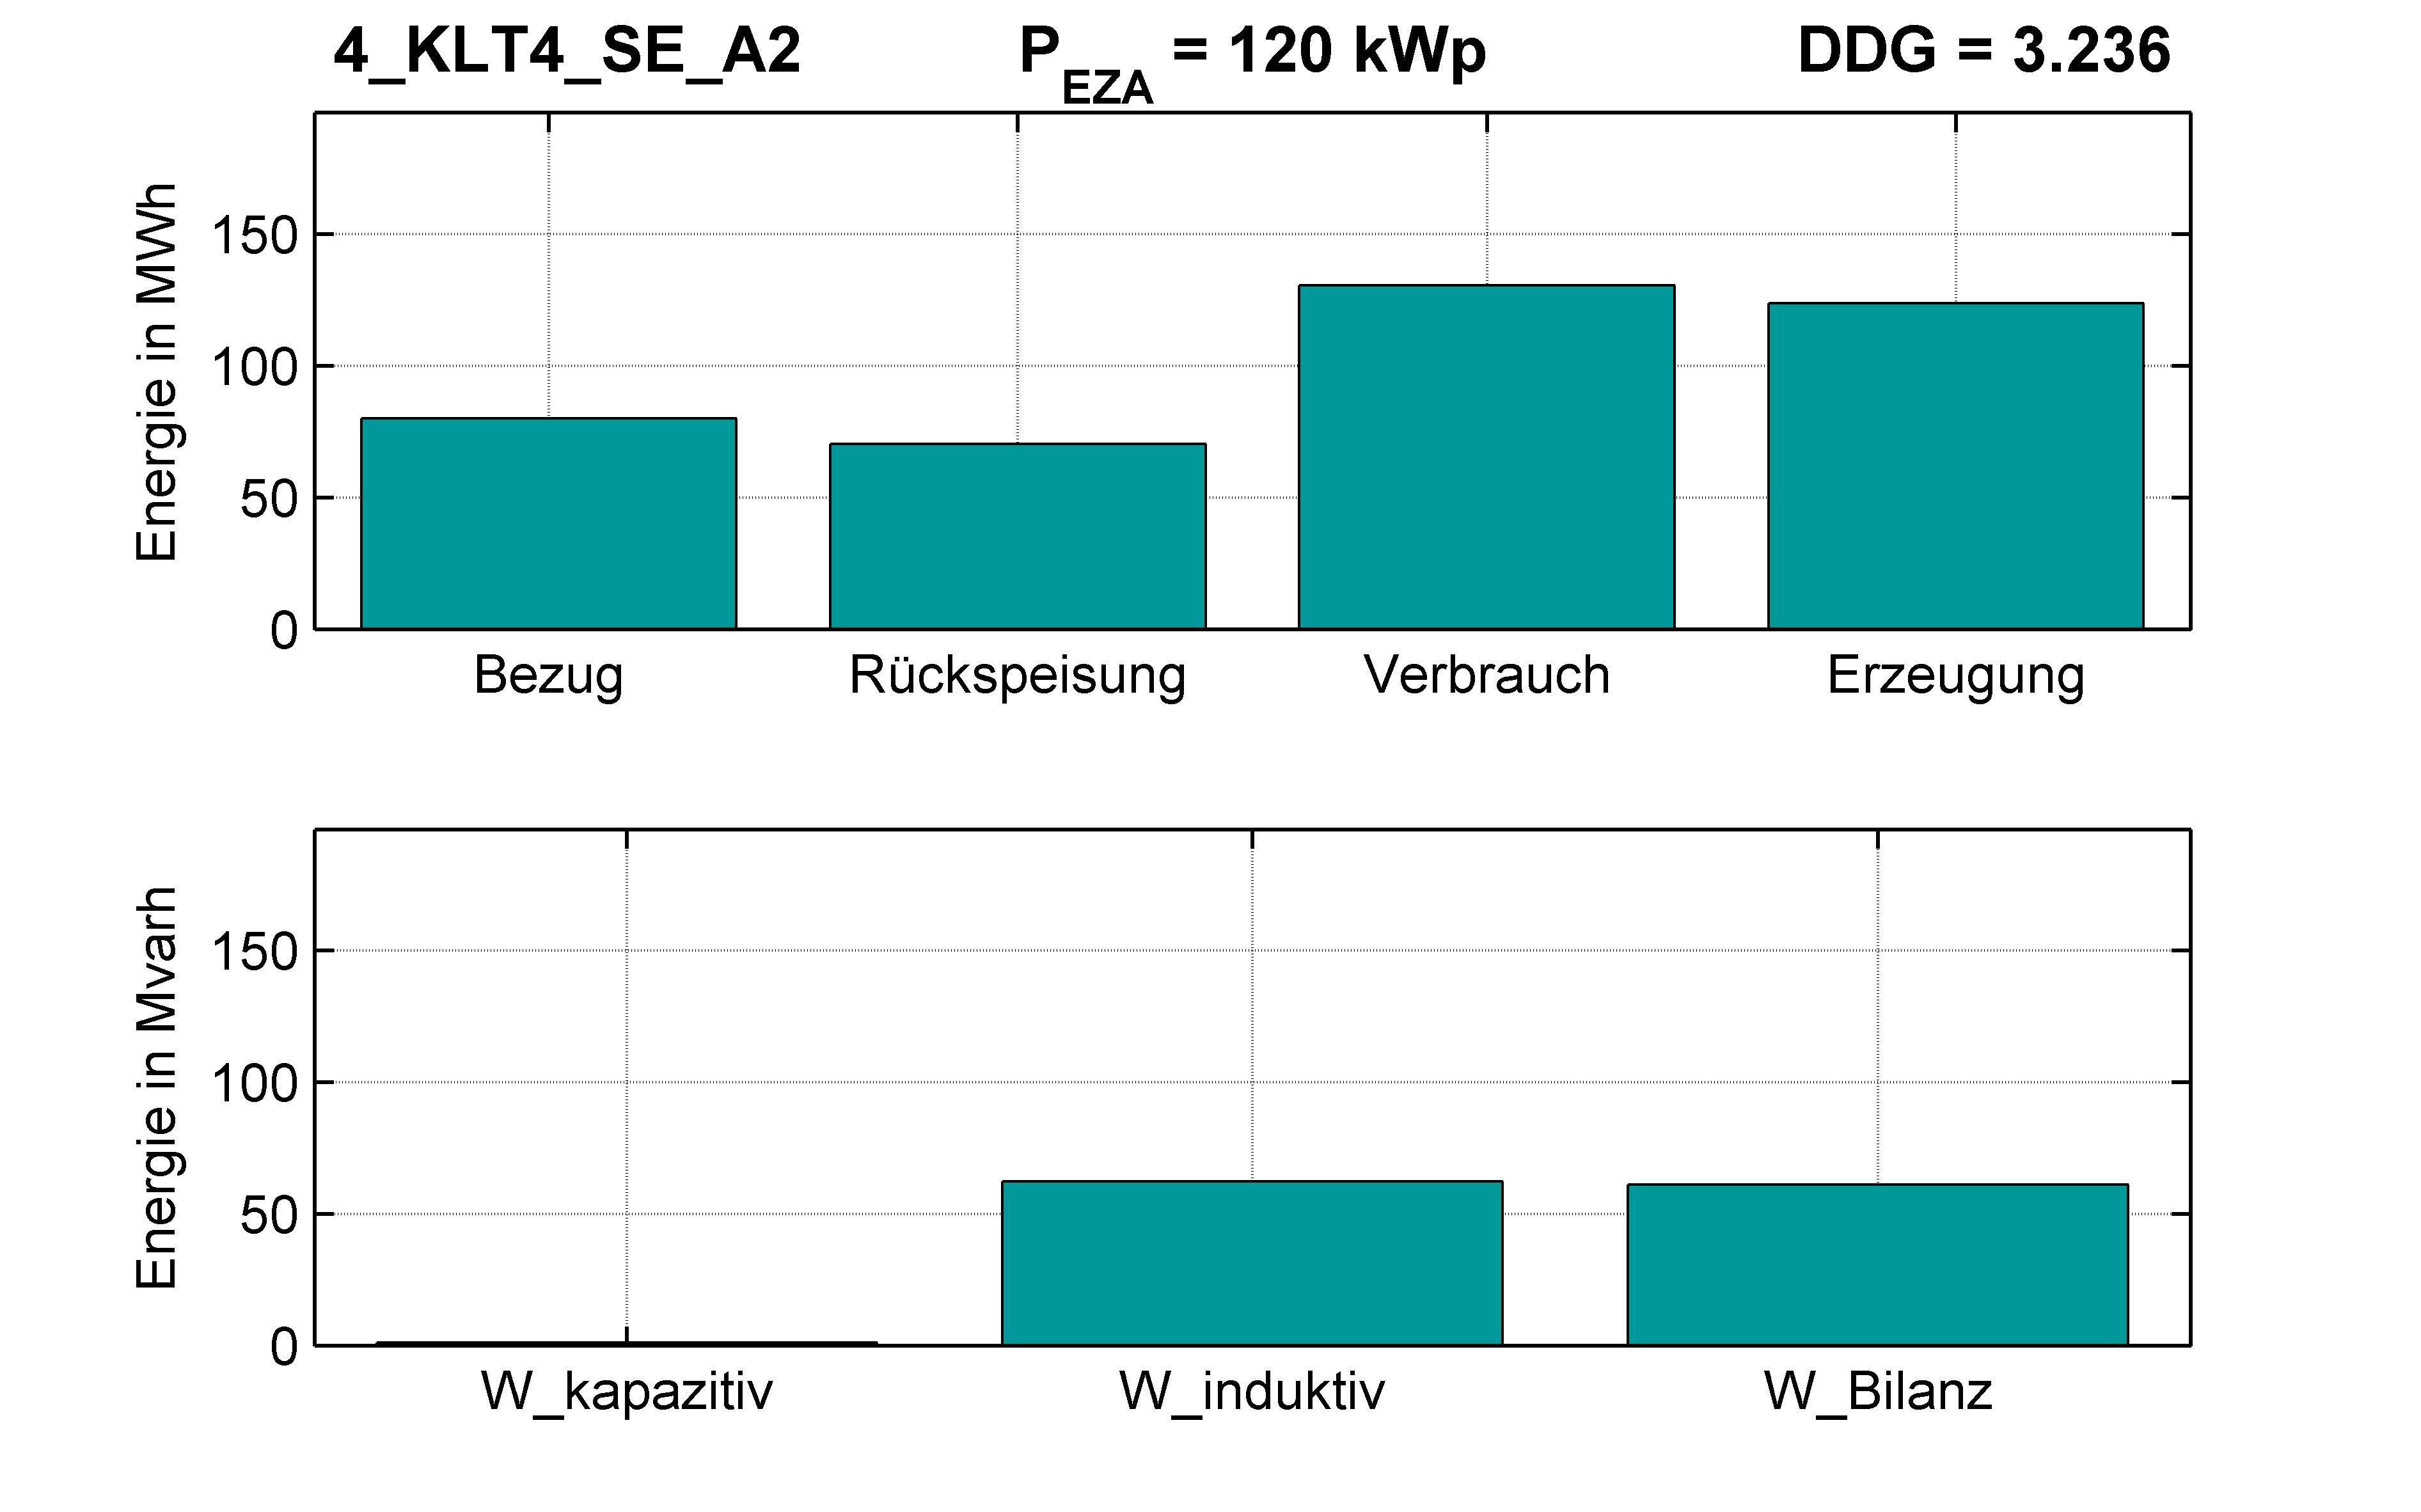 KLT4 | P-Kappung 55% (SE) A2 | PQ-Bilanz